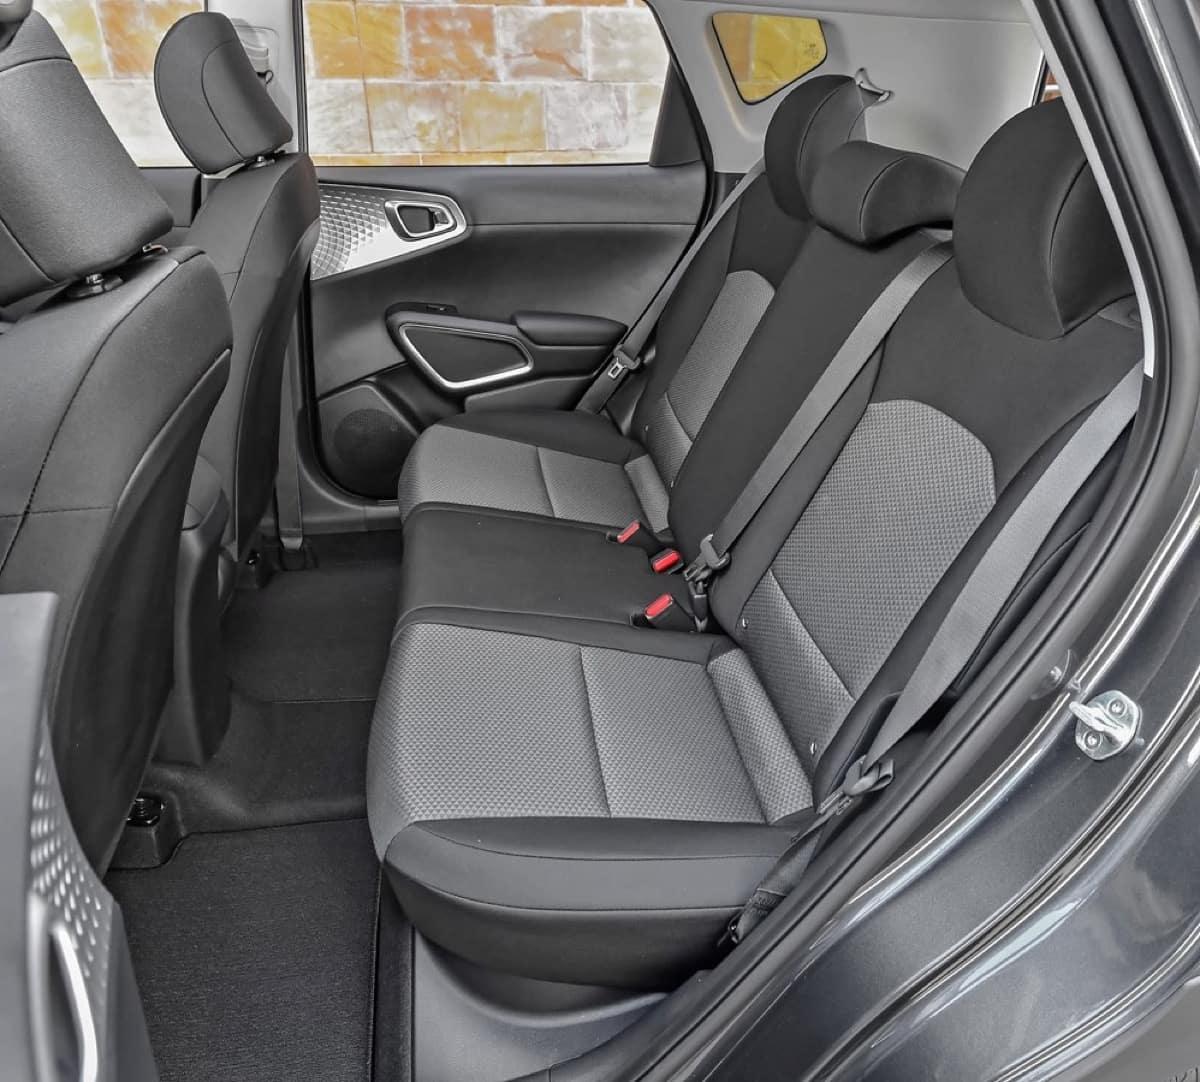 2022 Kia Soul interior rear seats black